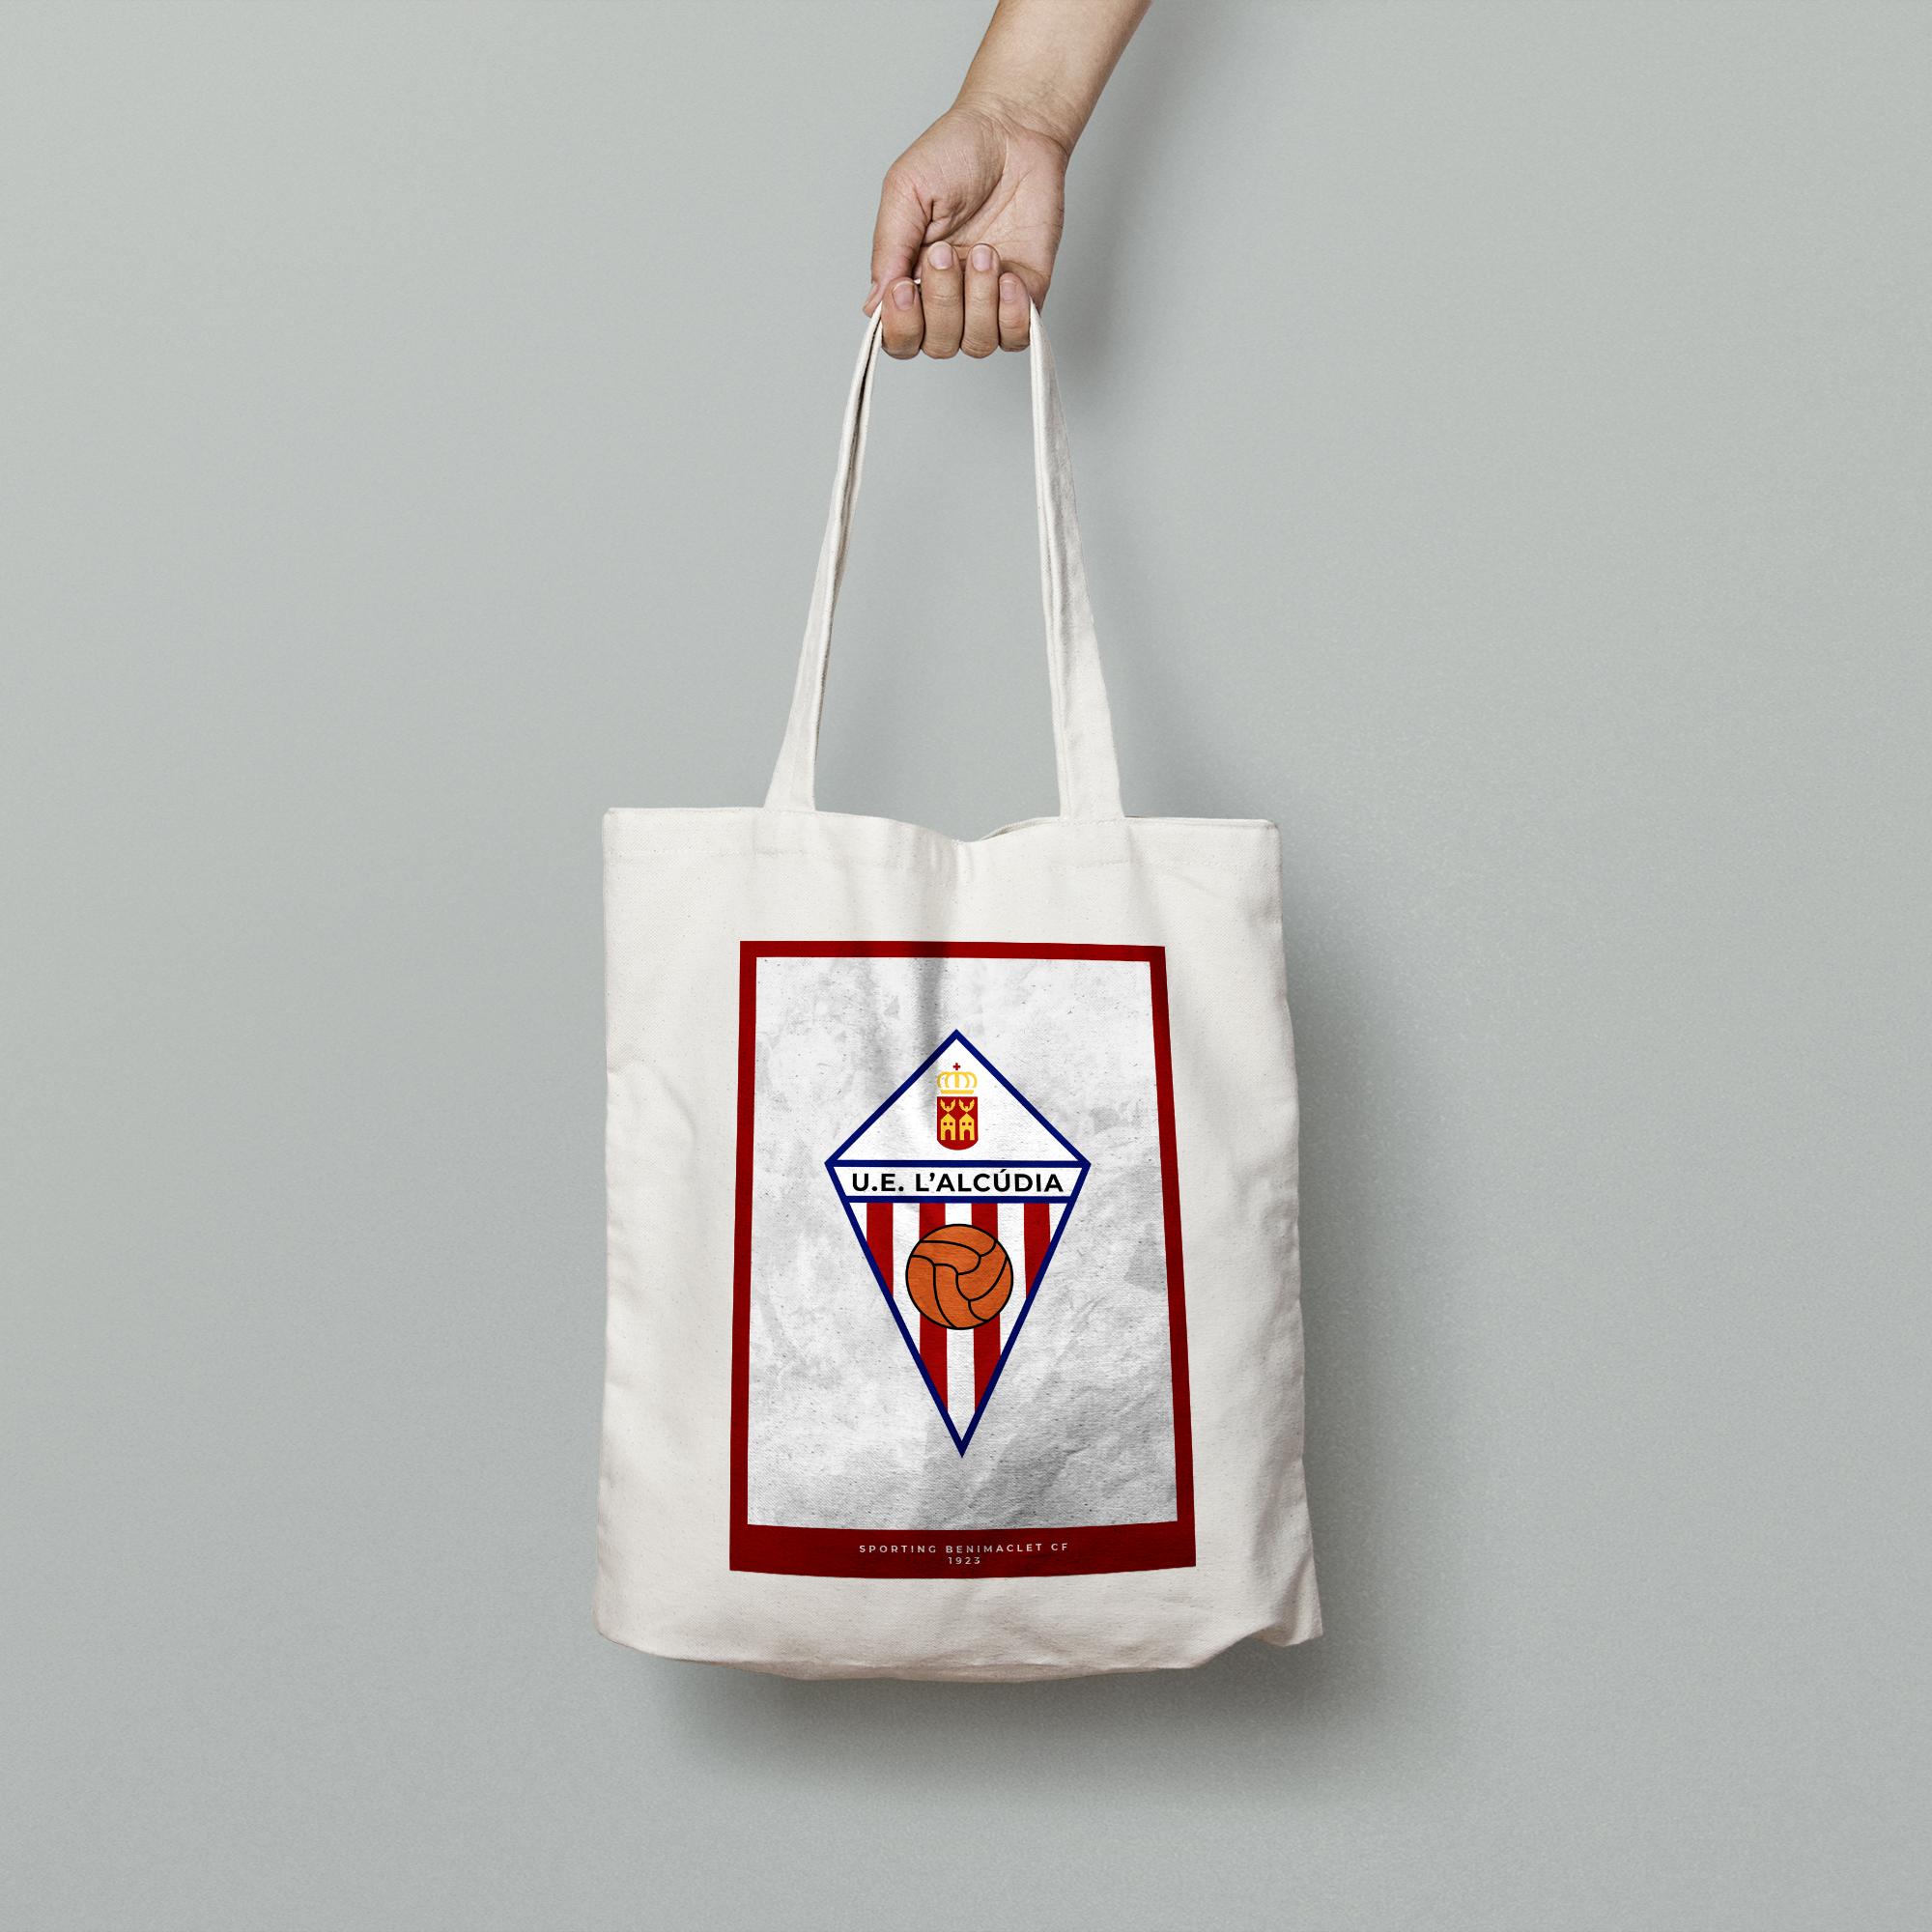 uelalcudia-concrete-edition-TOTE-BAG